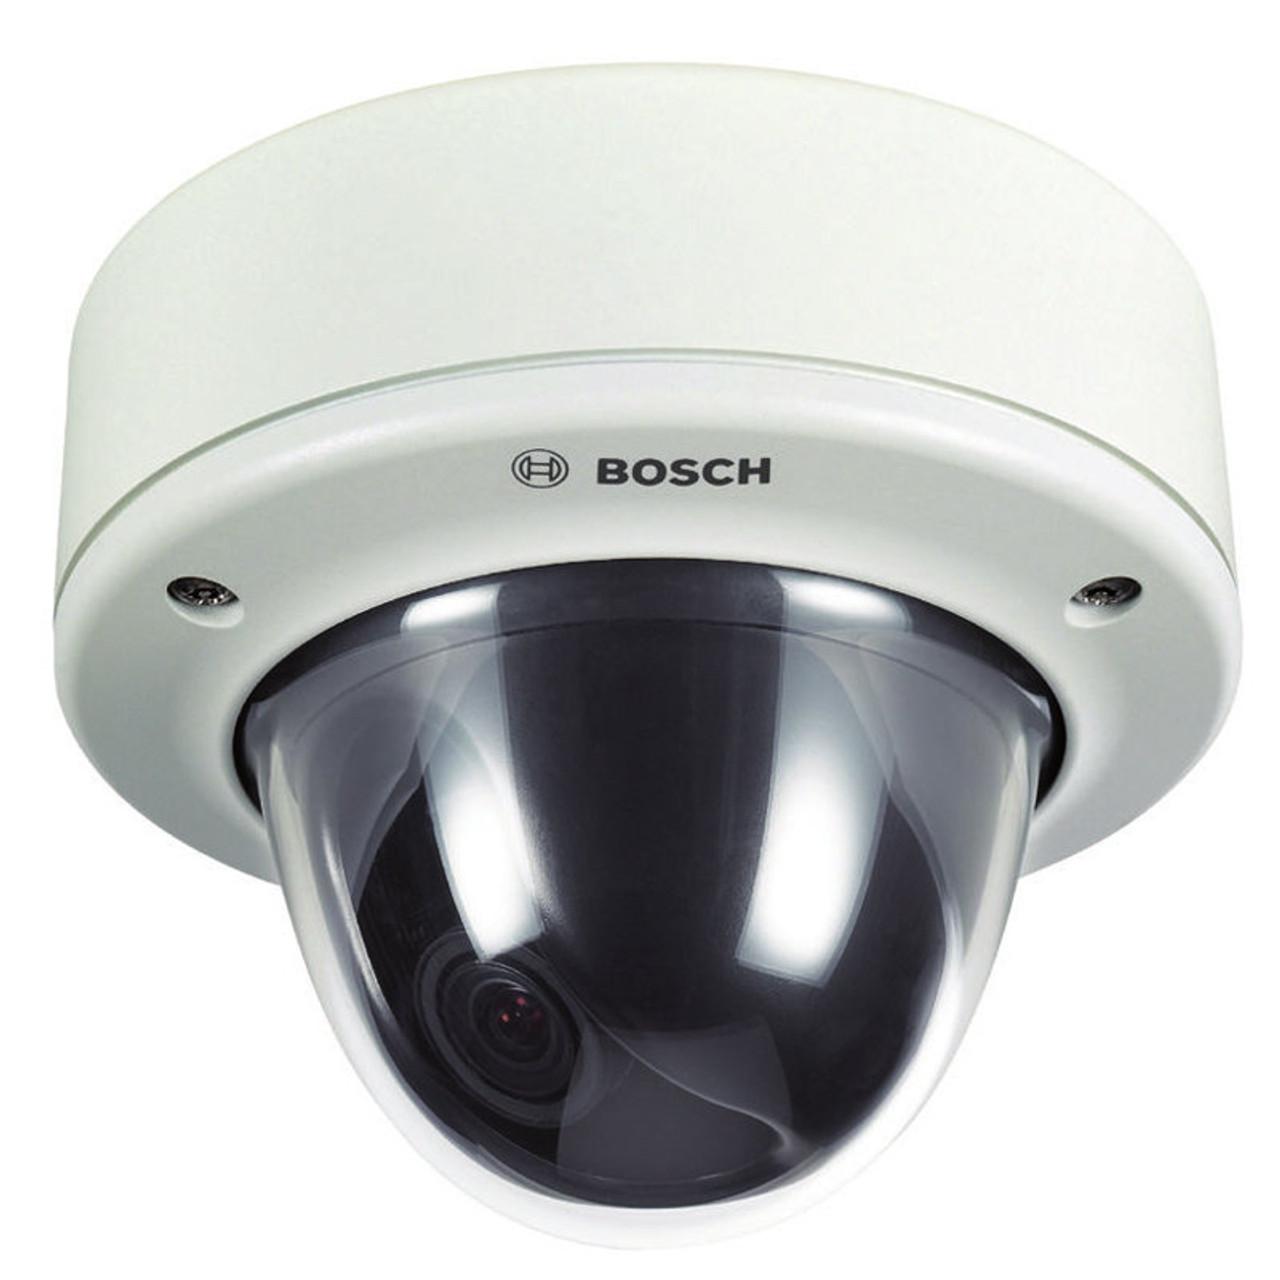 Bosch VDC 485V04 20S FlexiDome Security Camera